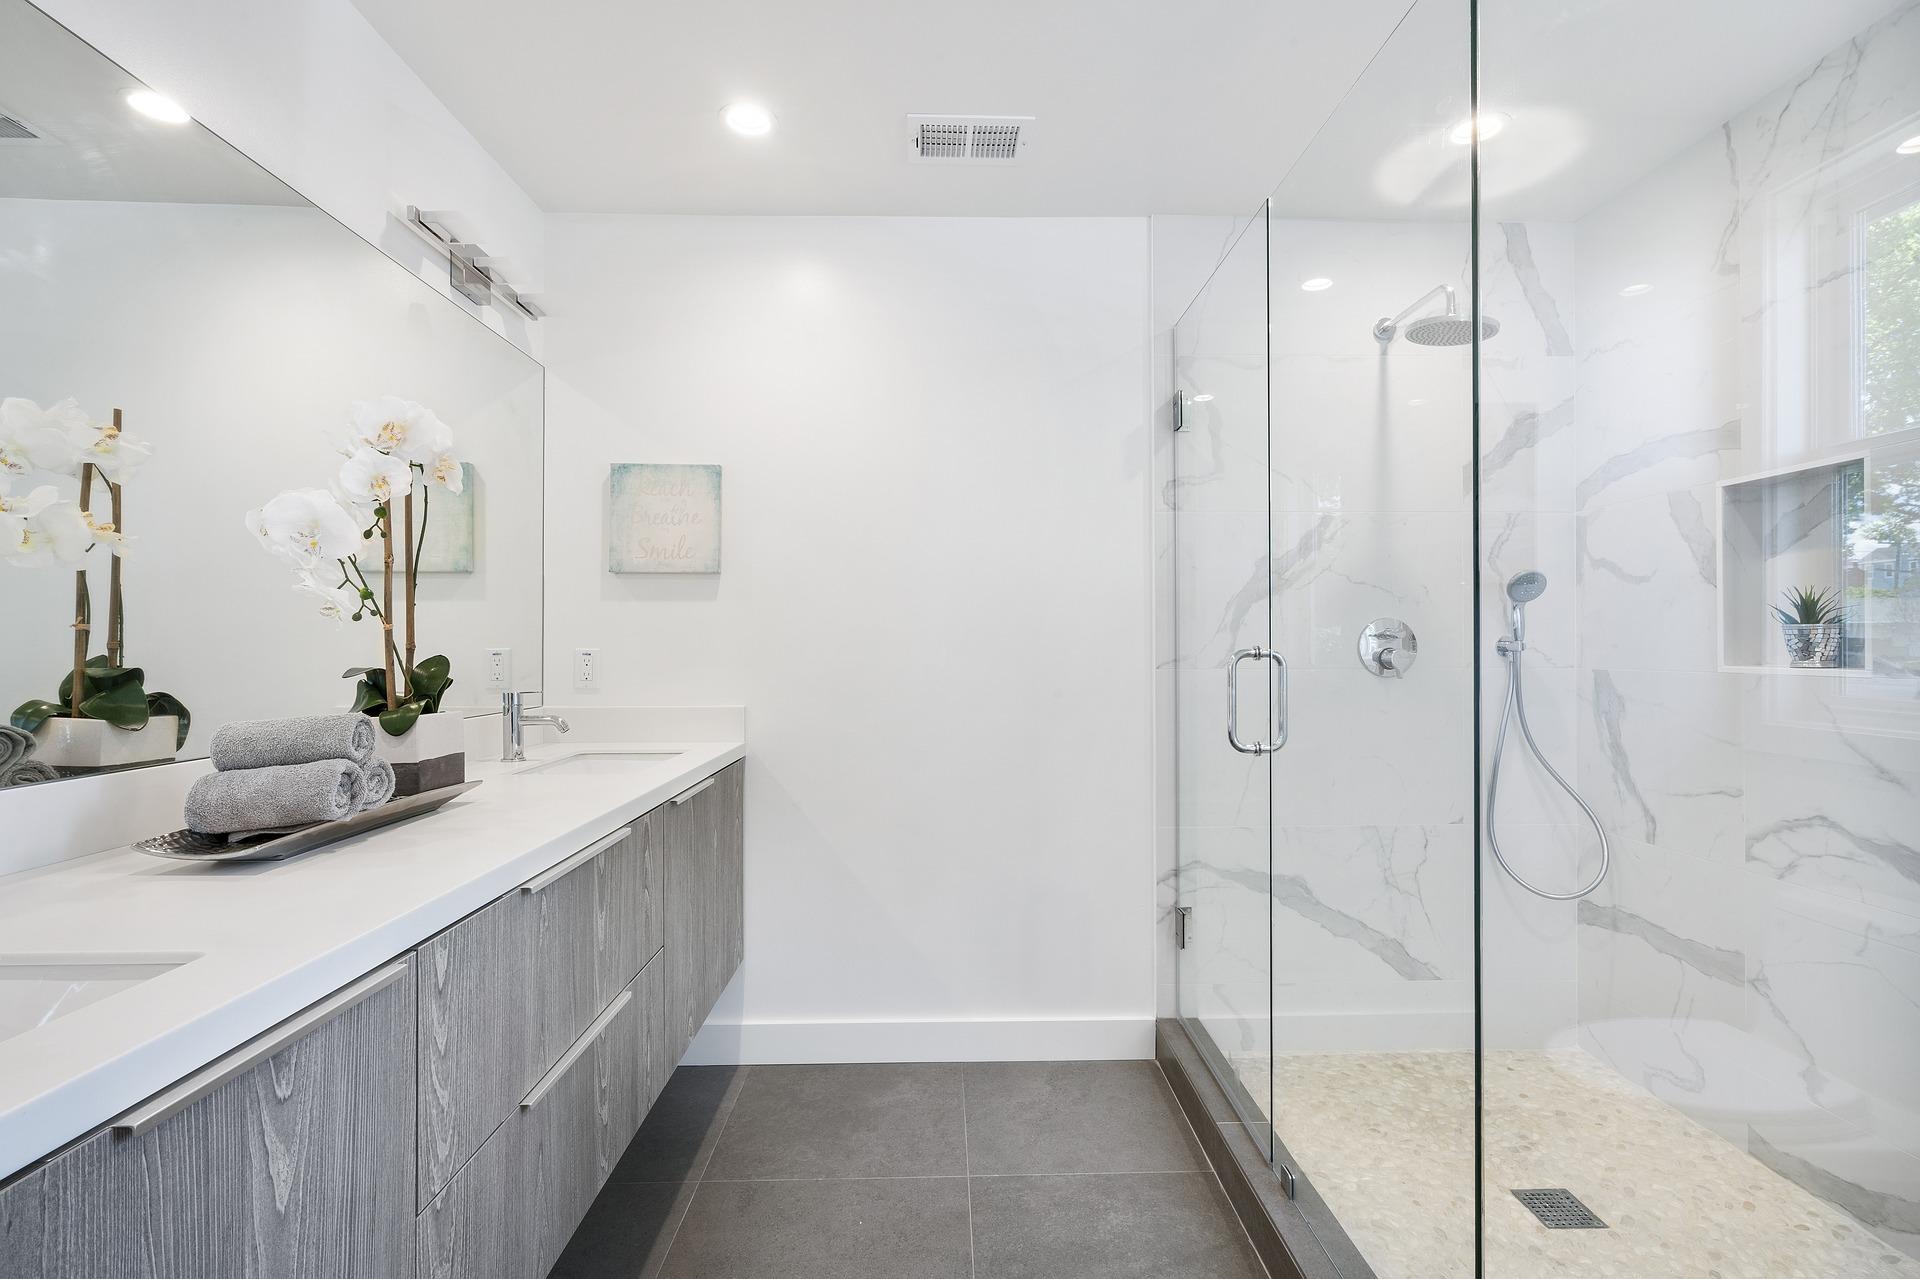 Jak Prawidłowo Oświetlić Lustro W łazience Moda Styl I